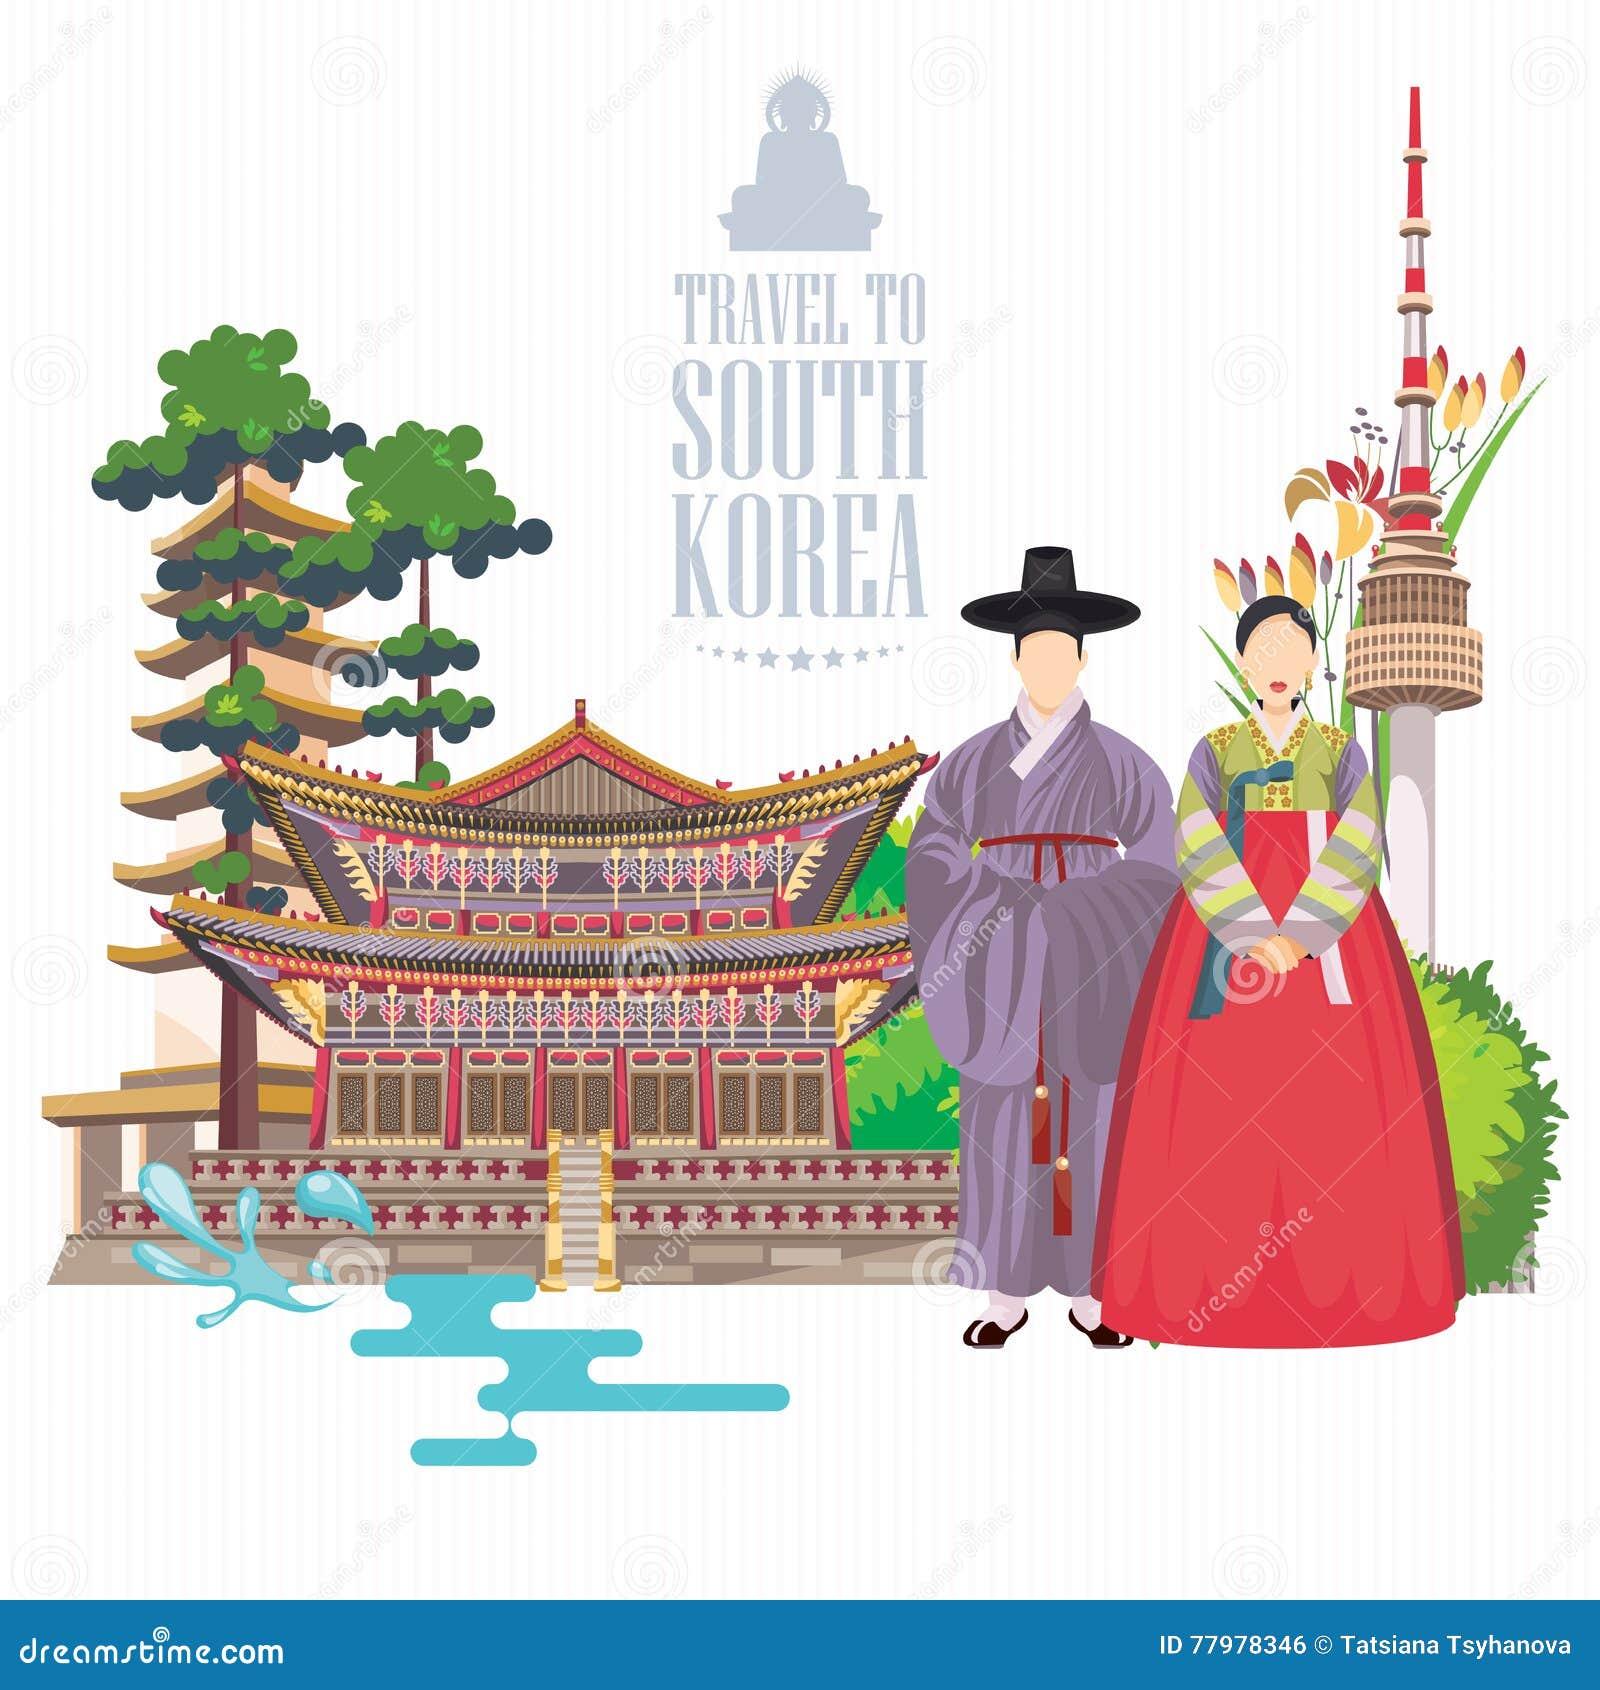 Korean poster design - Banner Design Journey Korea Korean Light Objects Poster